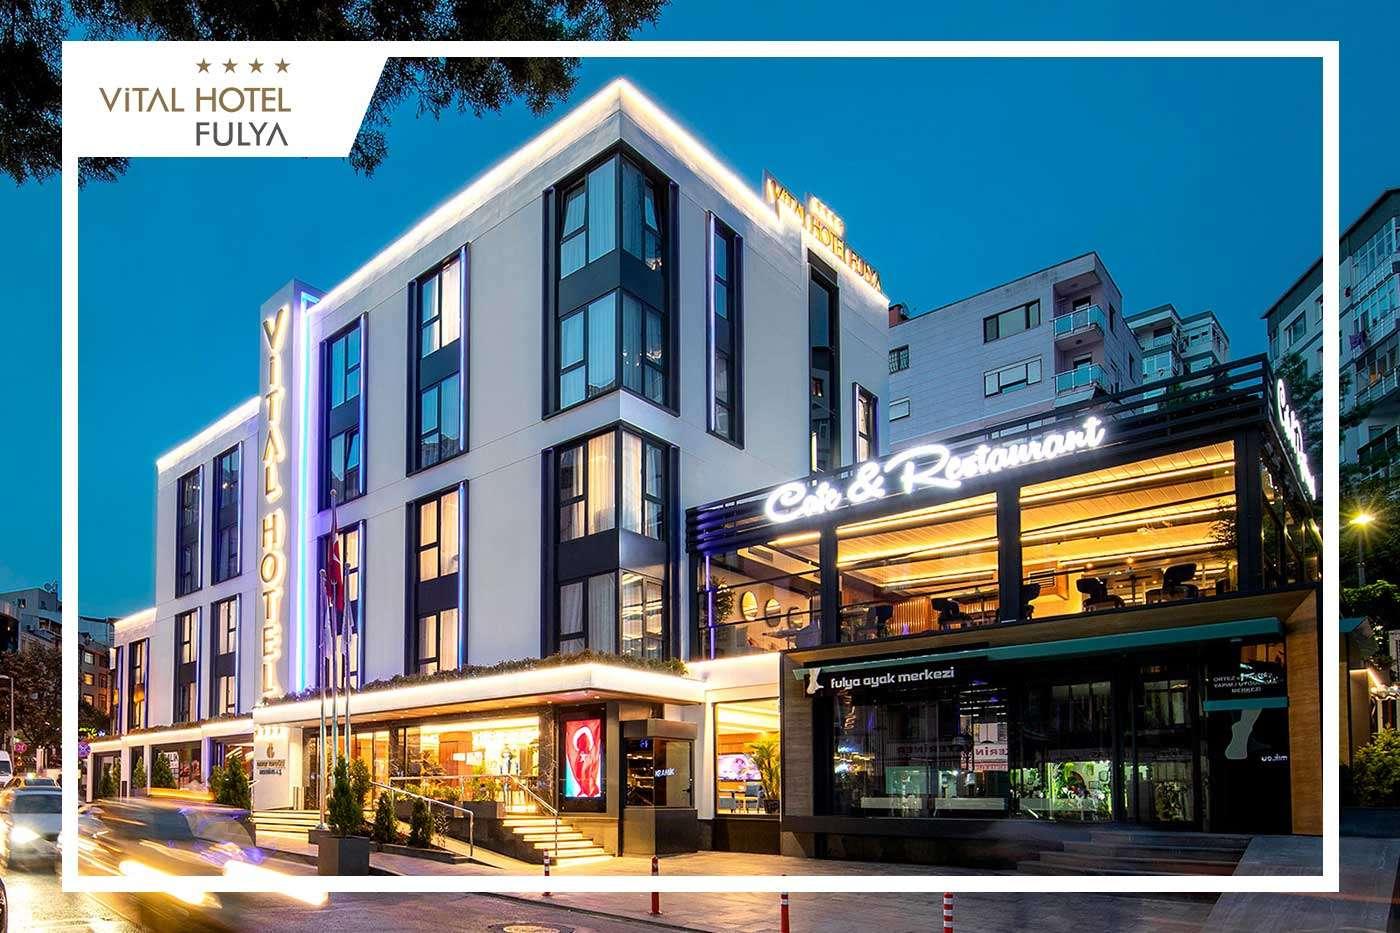 Vital Hotel Fulya